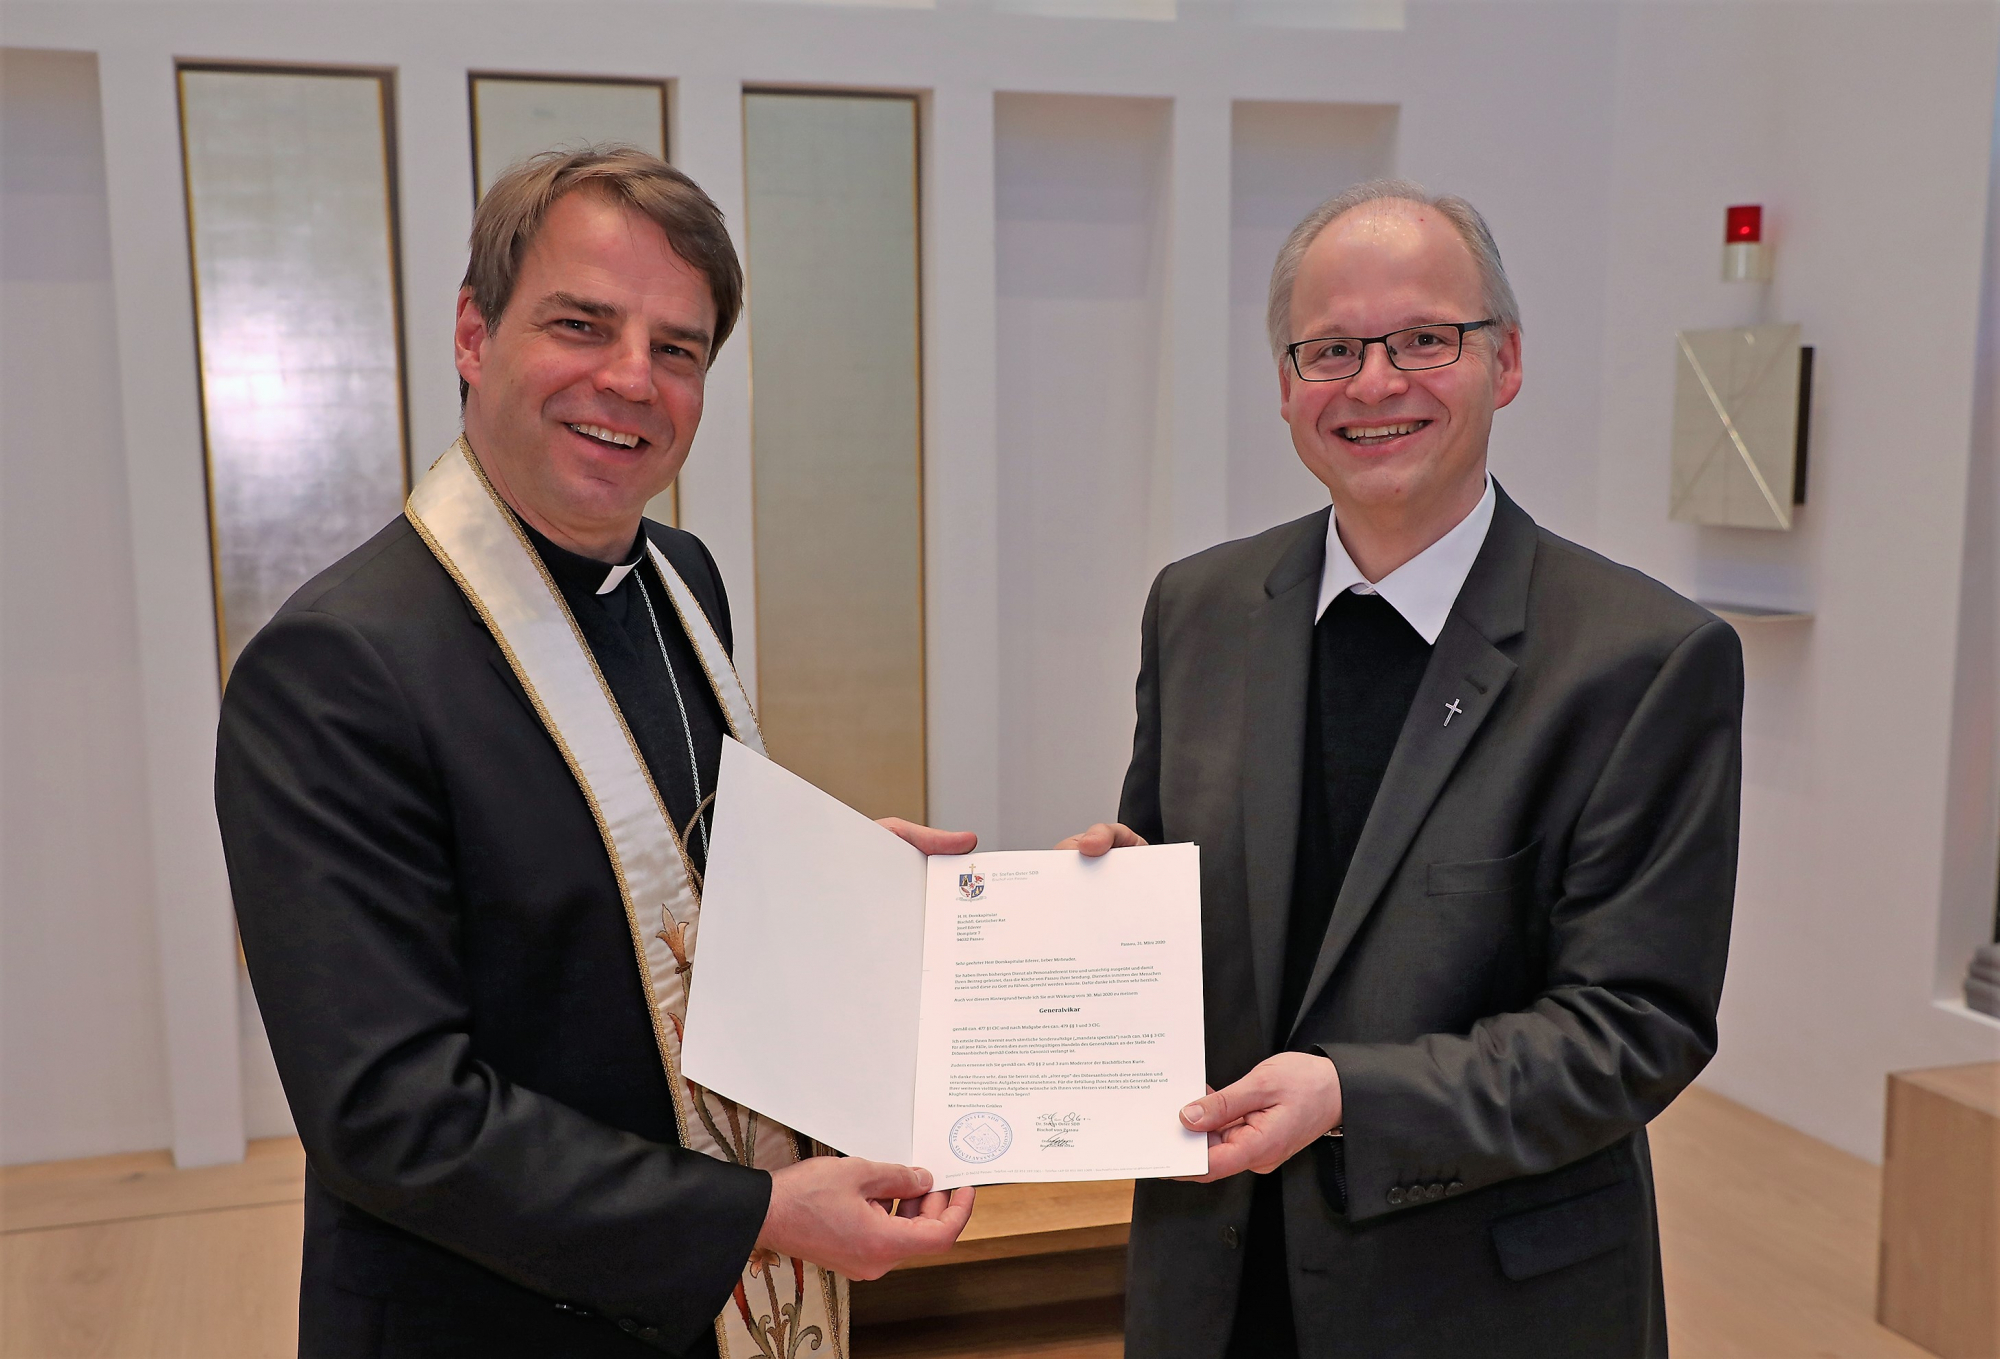 Treueeid DK Josef Ederer2 270520 A